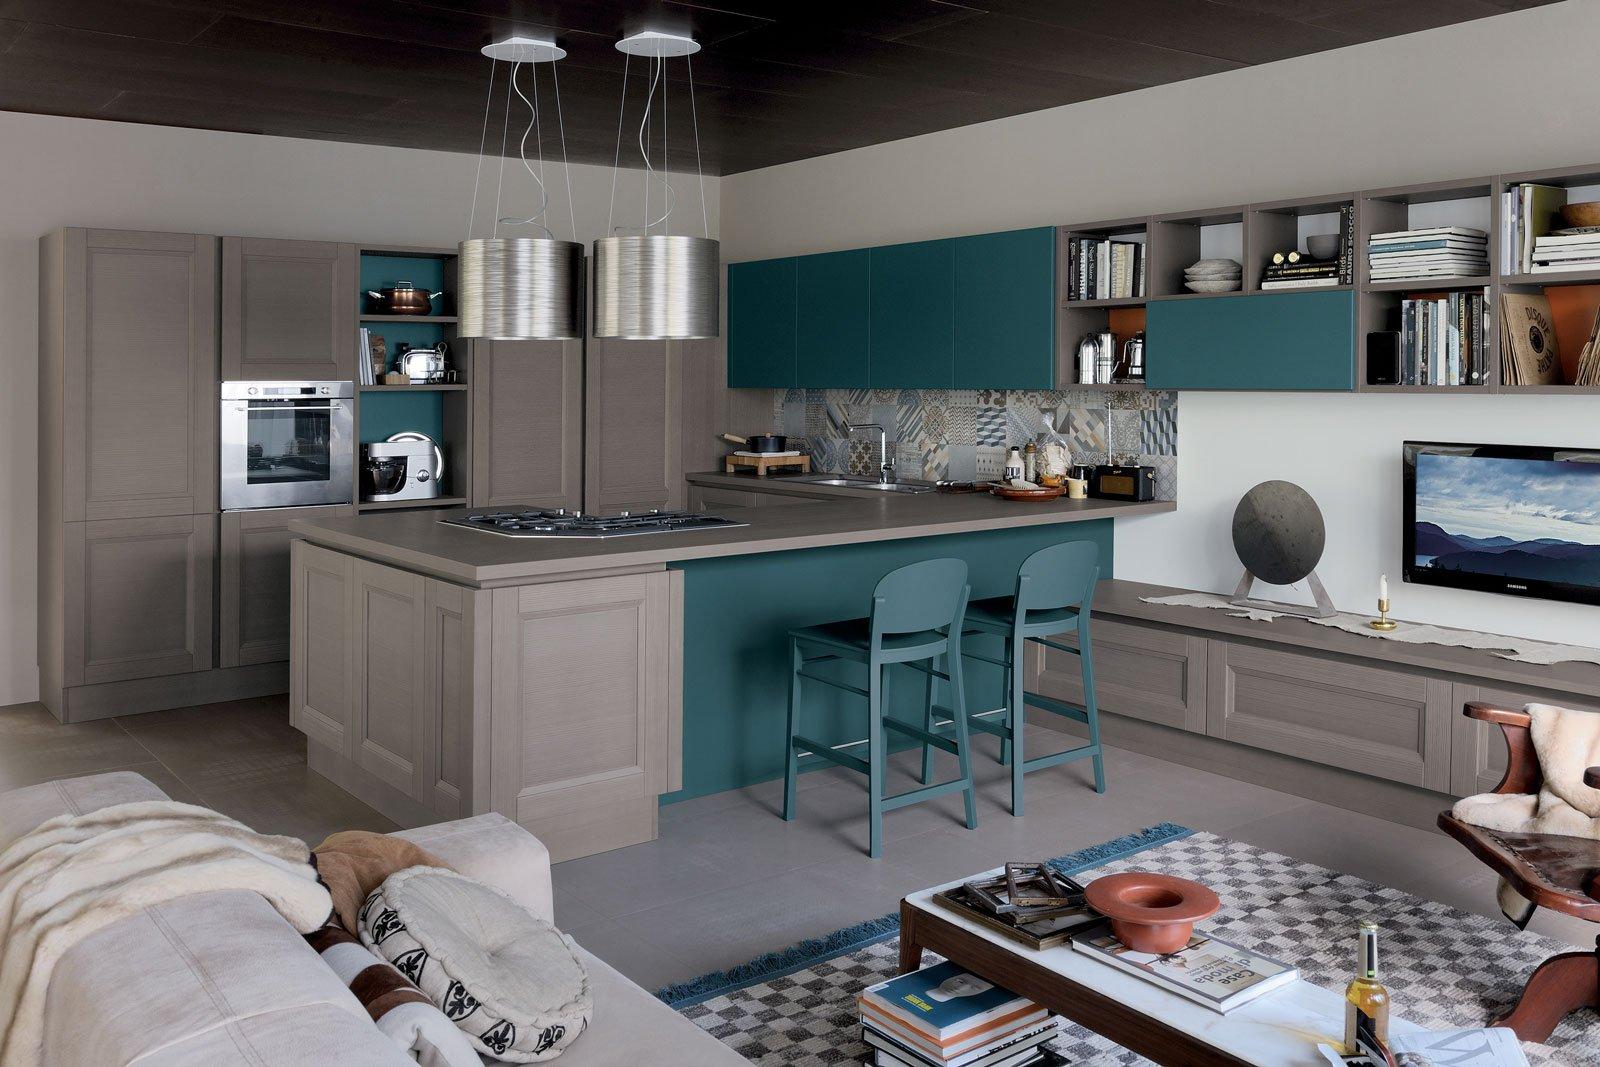 Cucine con cappa decorativa cose di casa for Cappa design